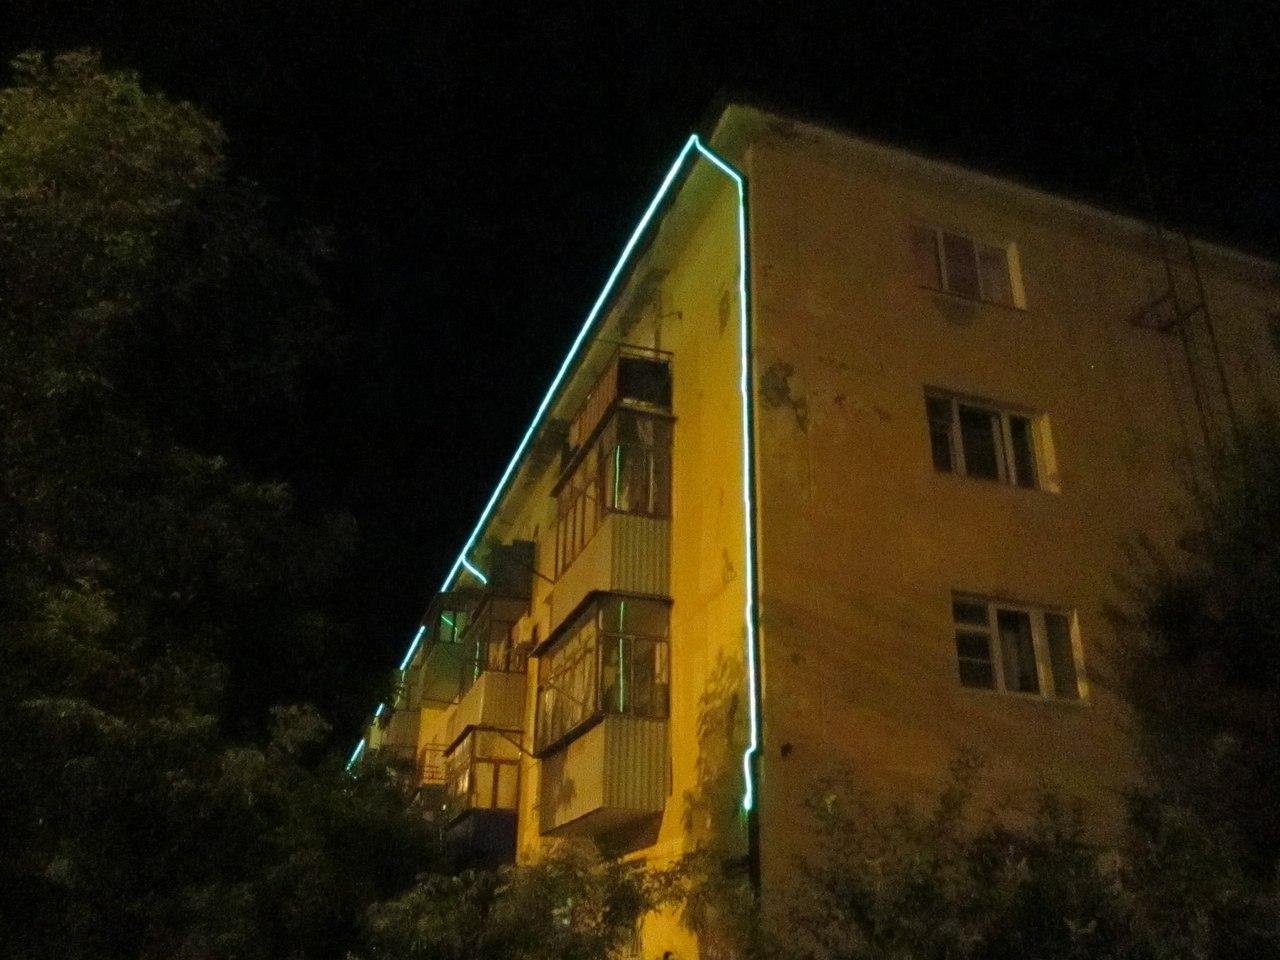 Дома с подсветкой в Новороссийске улыбали, как и машины с оной